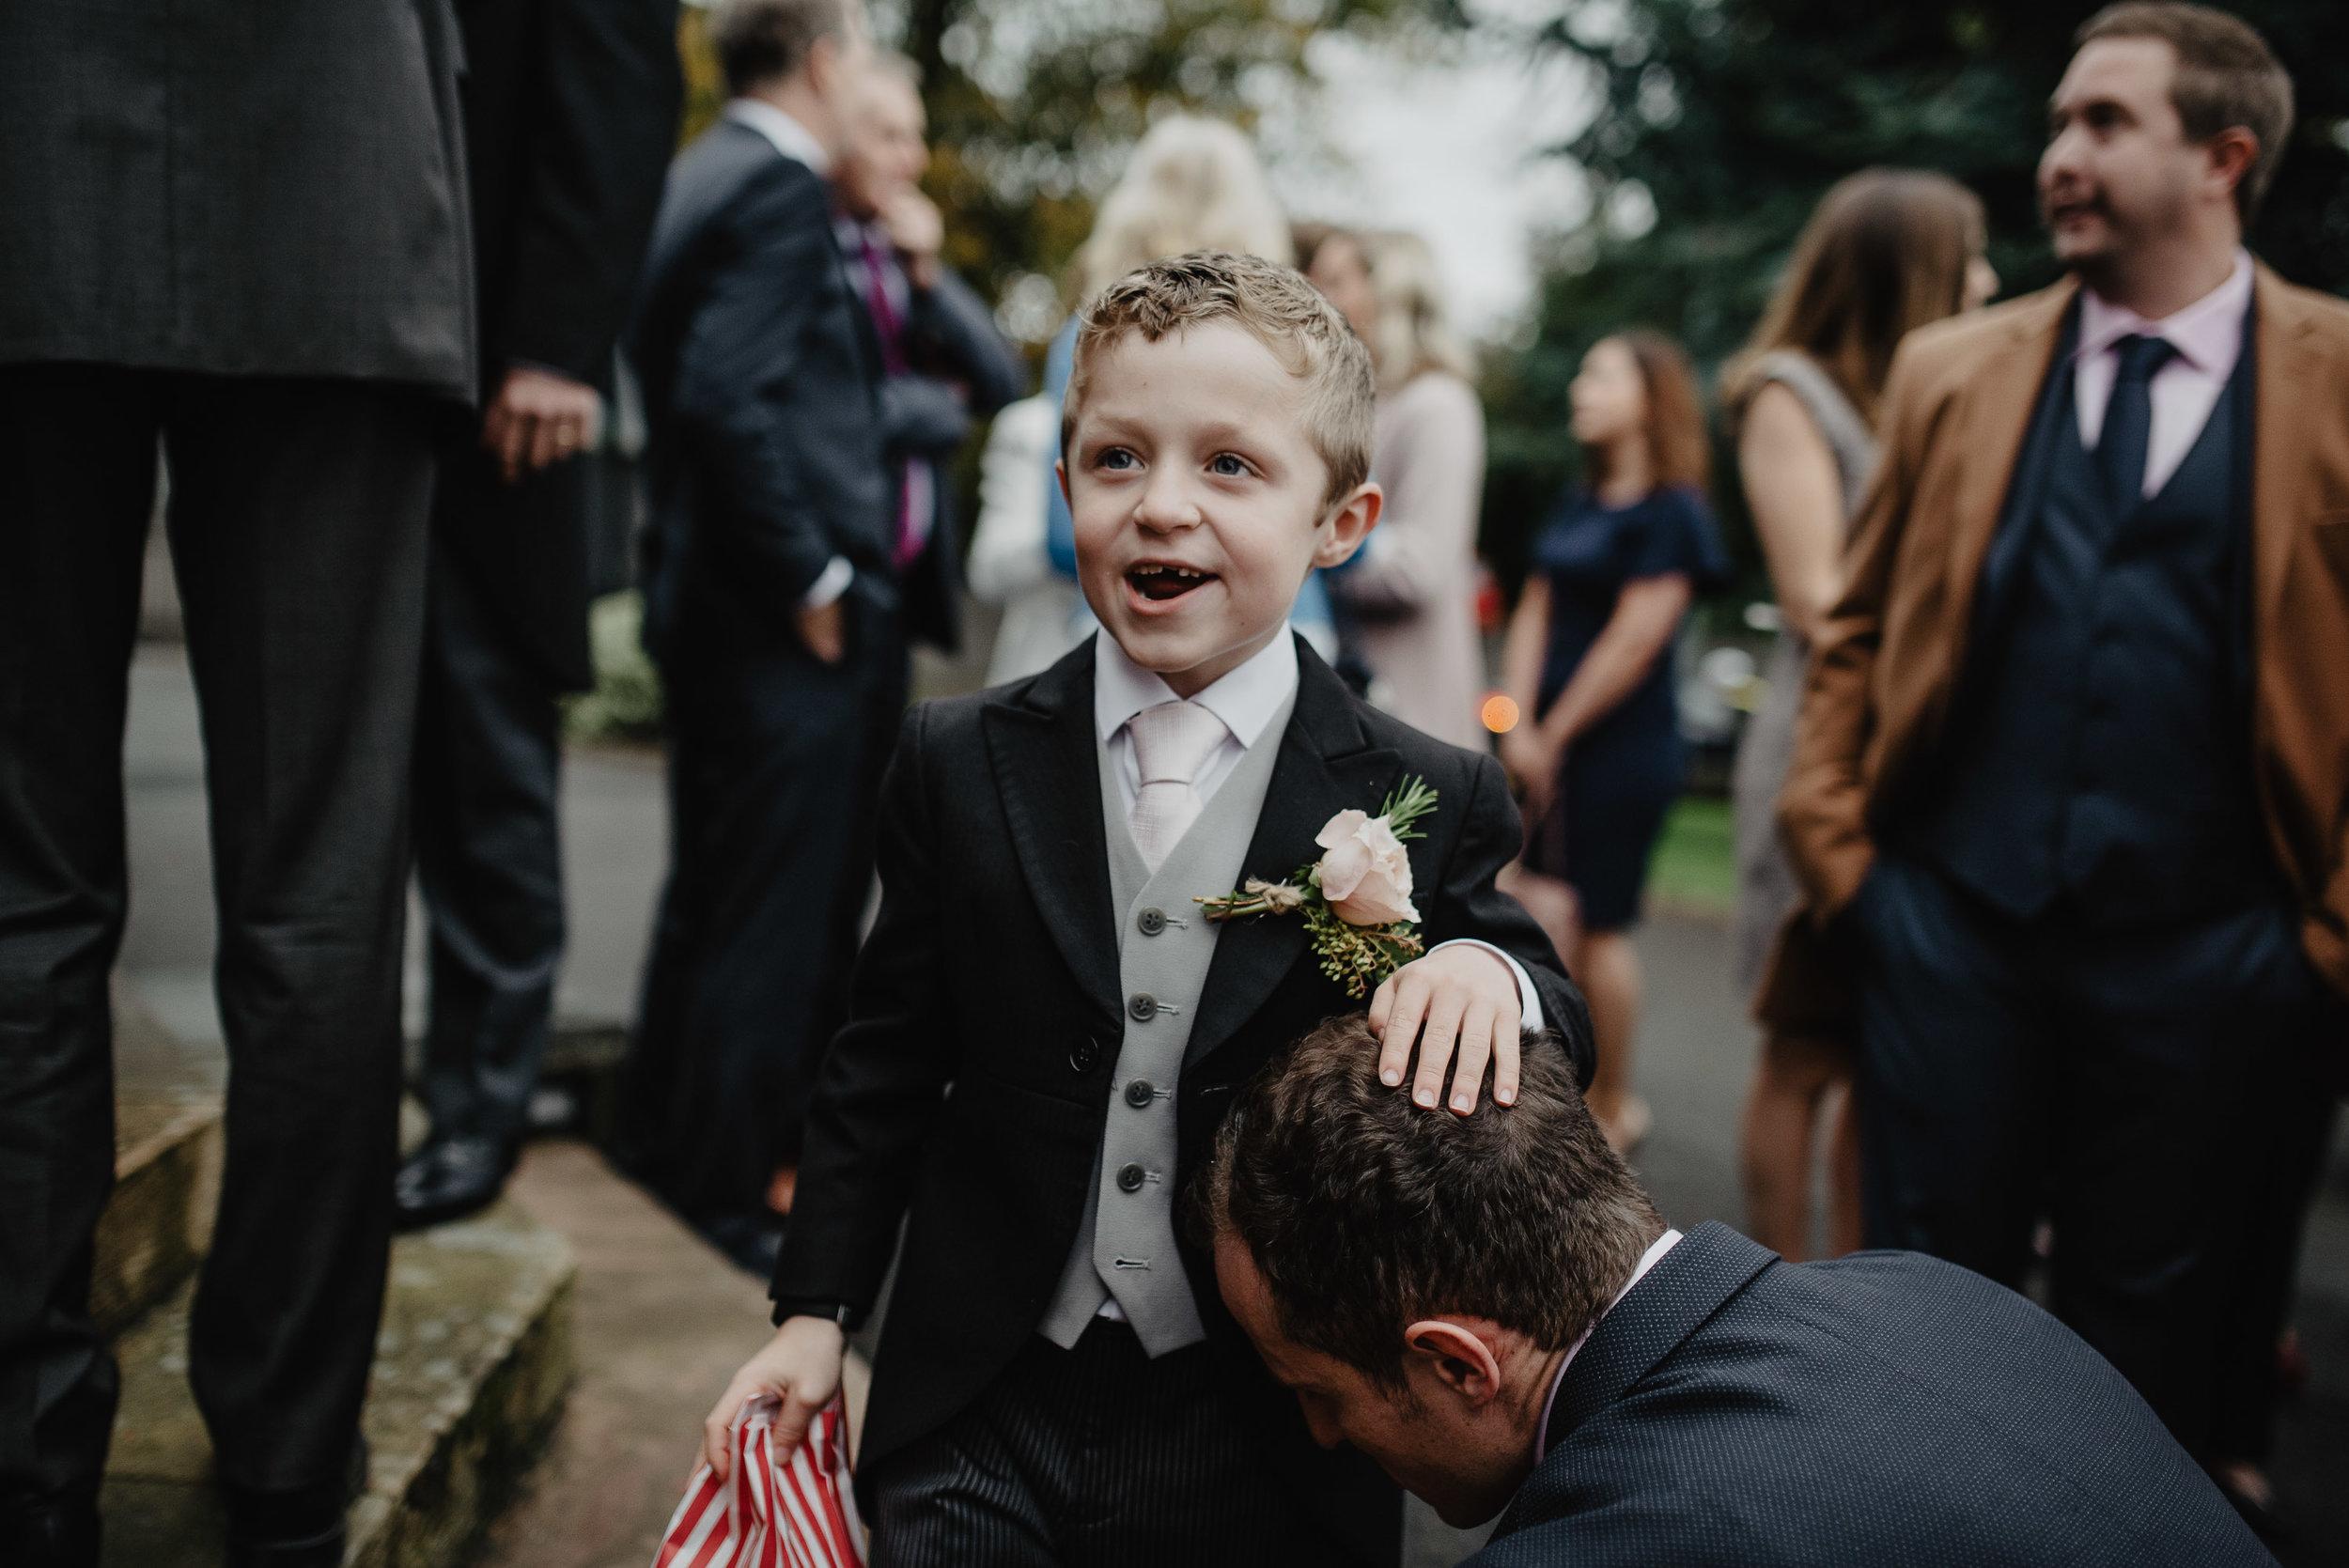 larchfield estate wedding photos-73.jpg